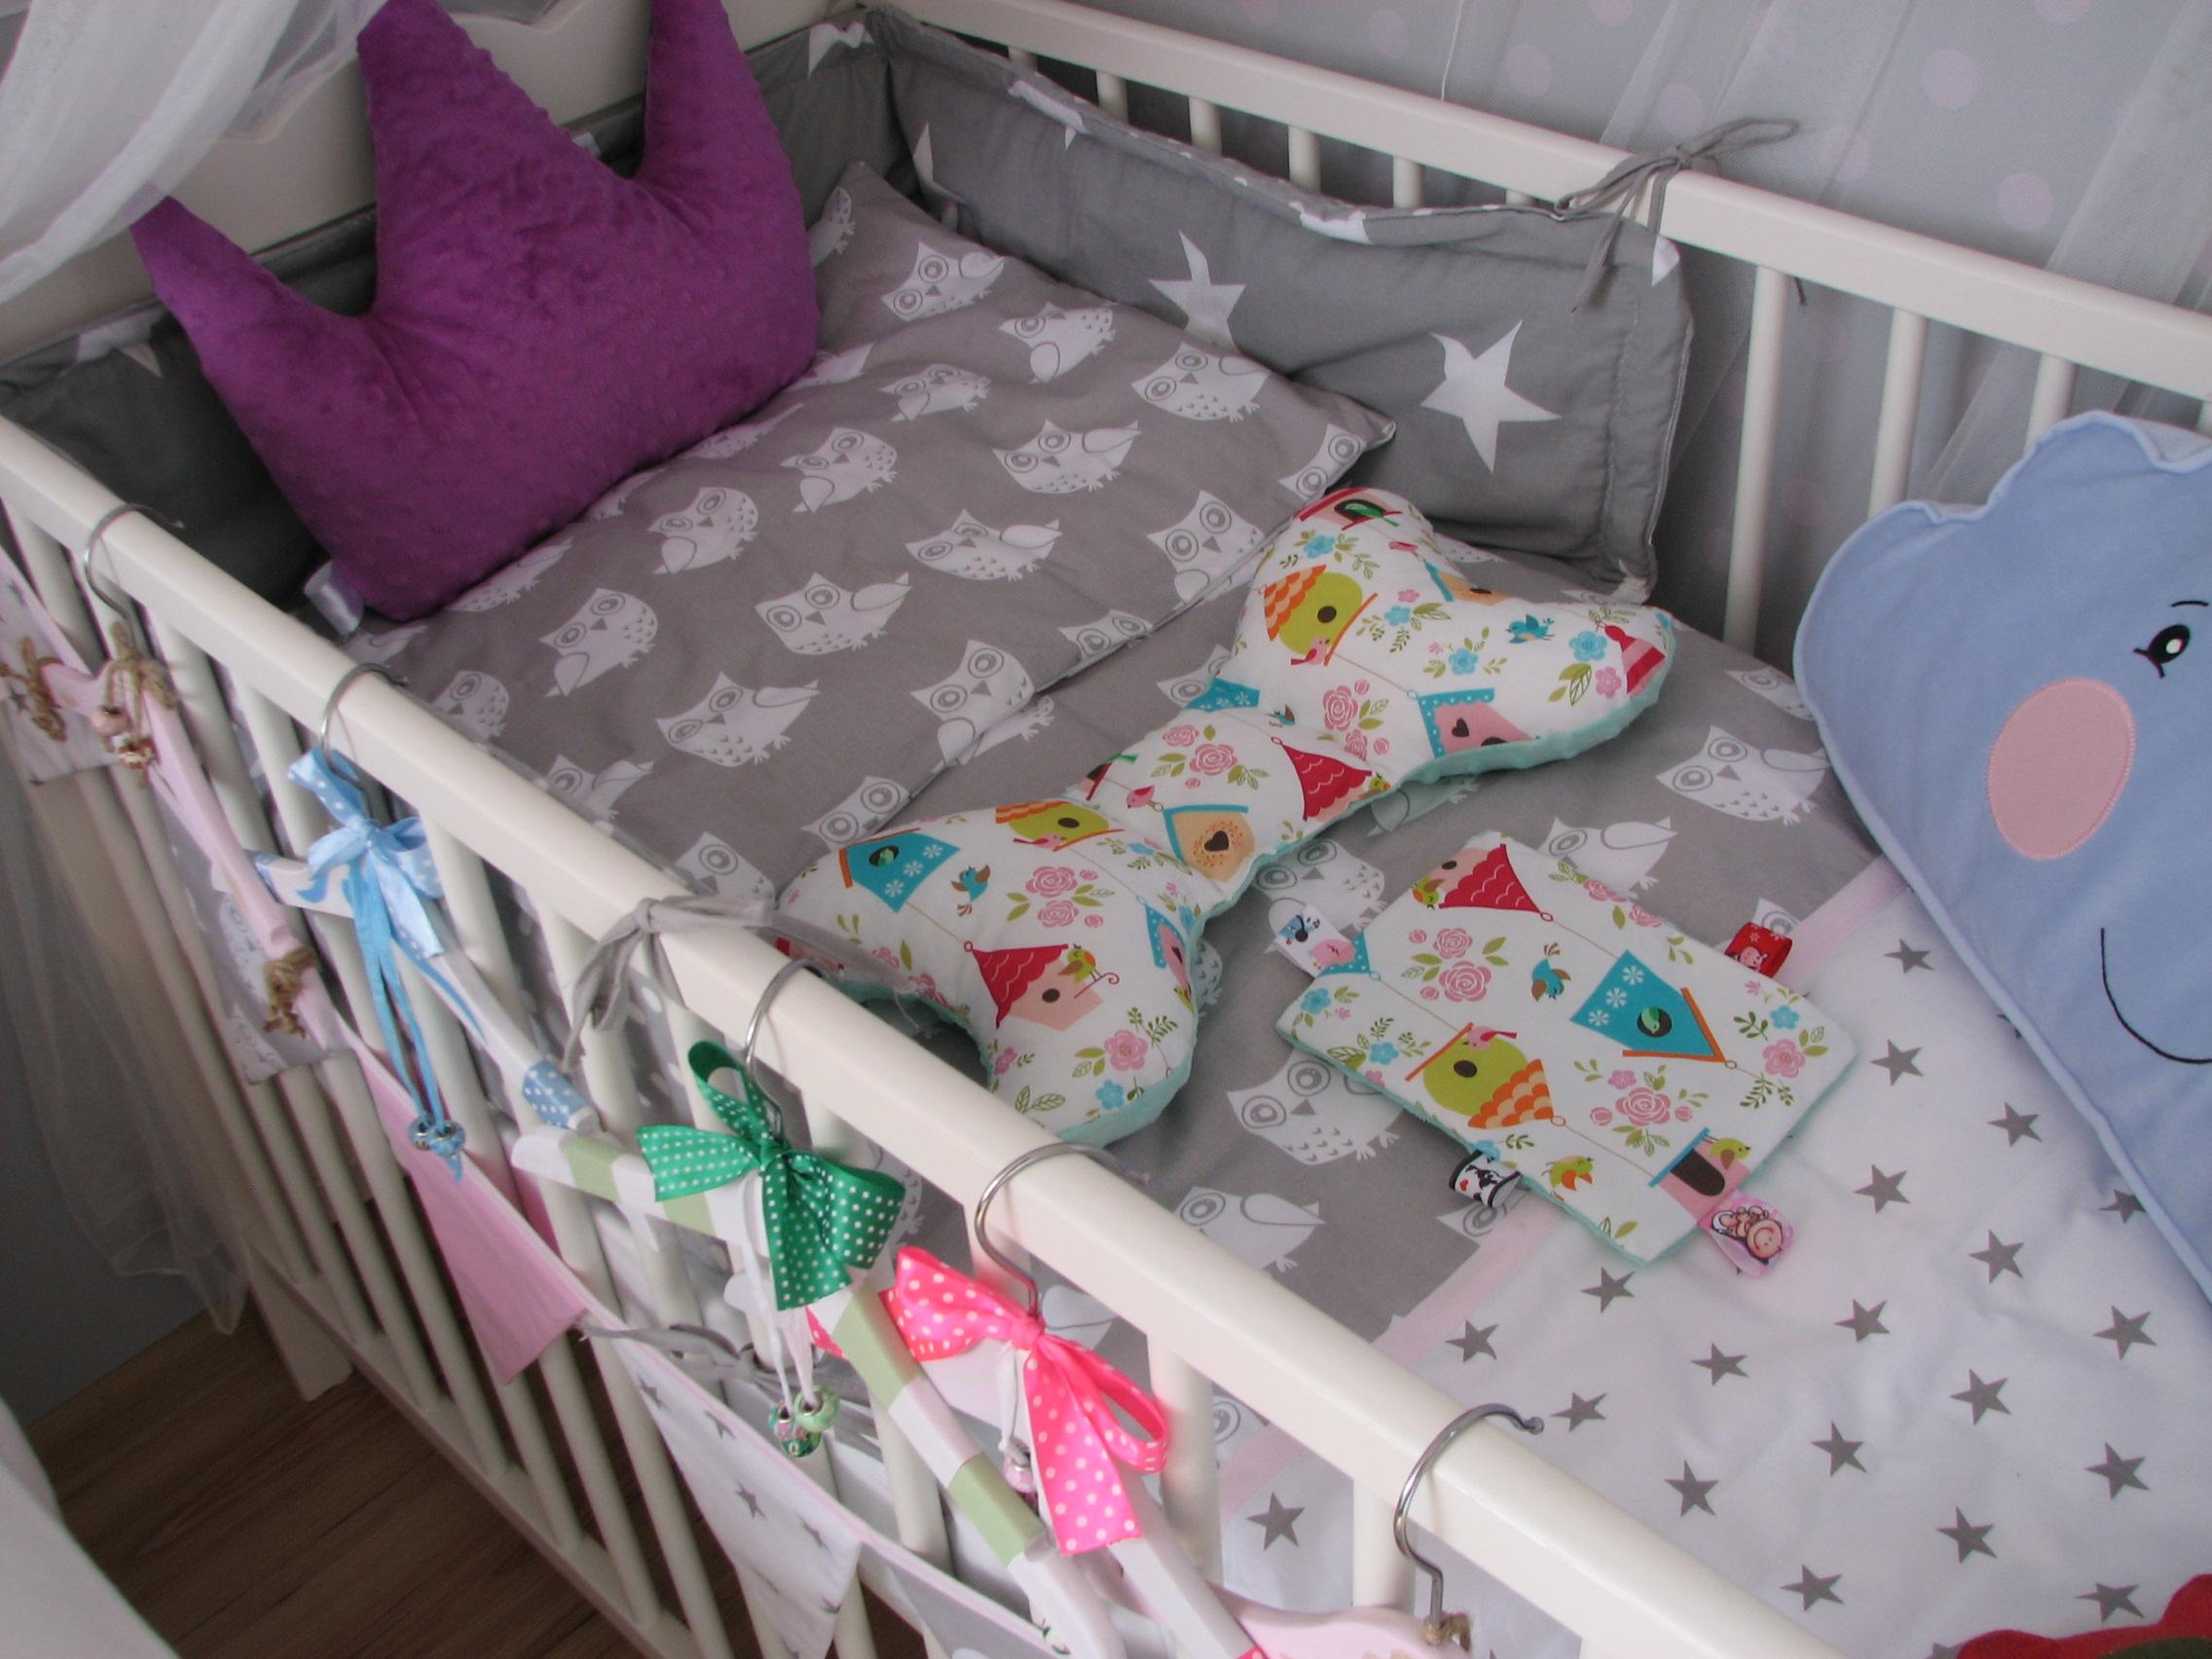 Groovy Akcesoria dla niemowlaka. Pooduuuuchy, poduszki i poduszeczki AF52